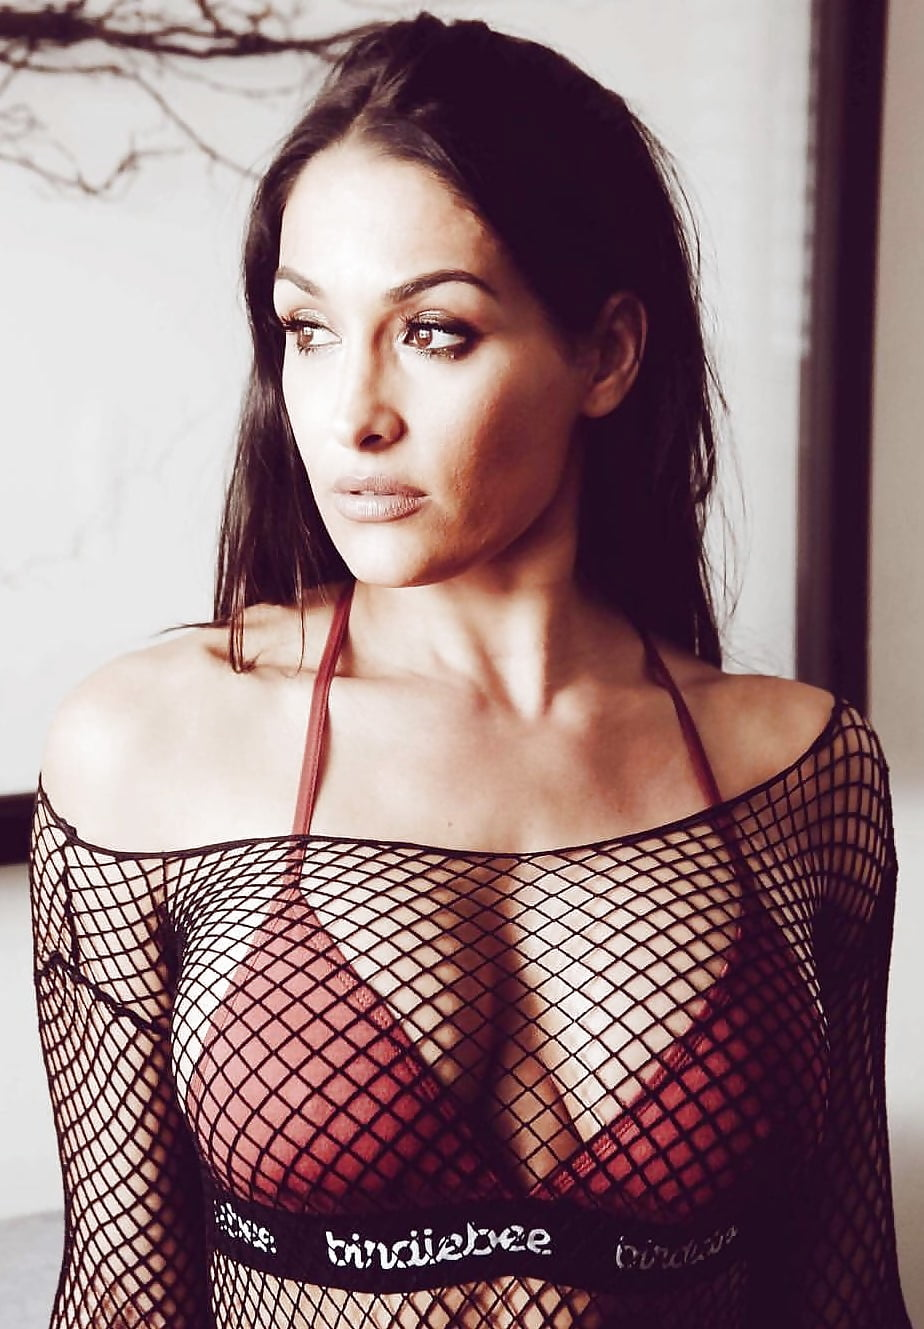 Nikki bella porn movies